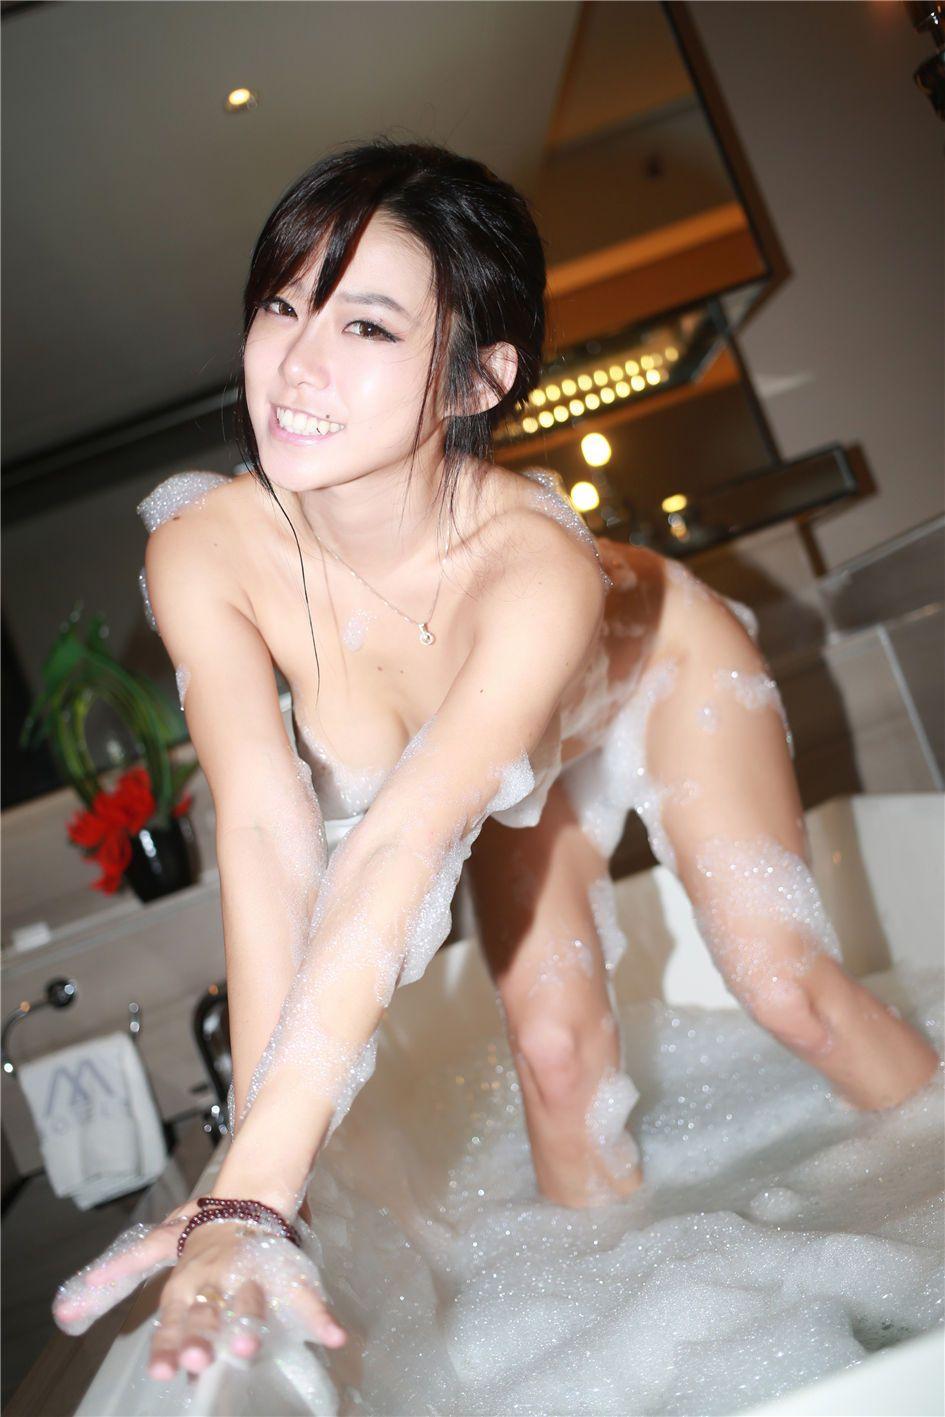 乳贴美女luvian浴室无内泡沫大胆写真(6)(点击浏览下一张趣图)